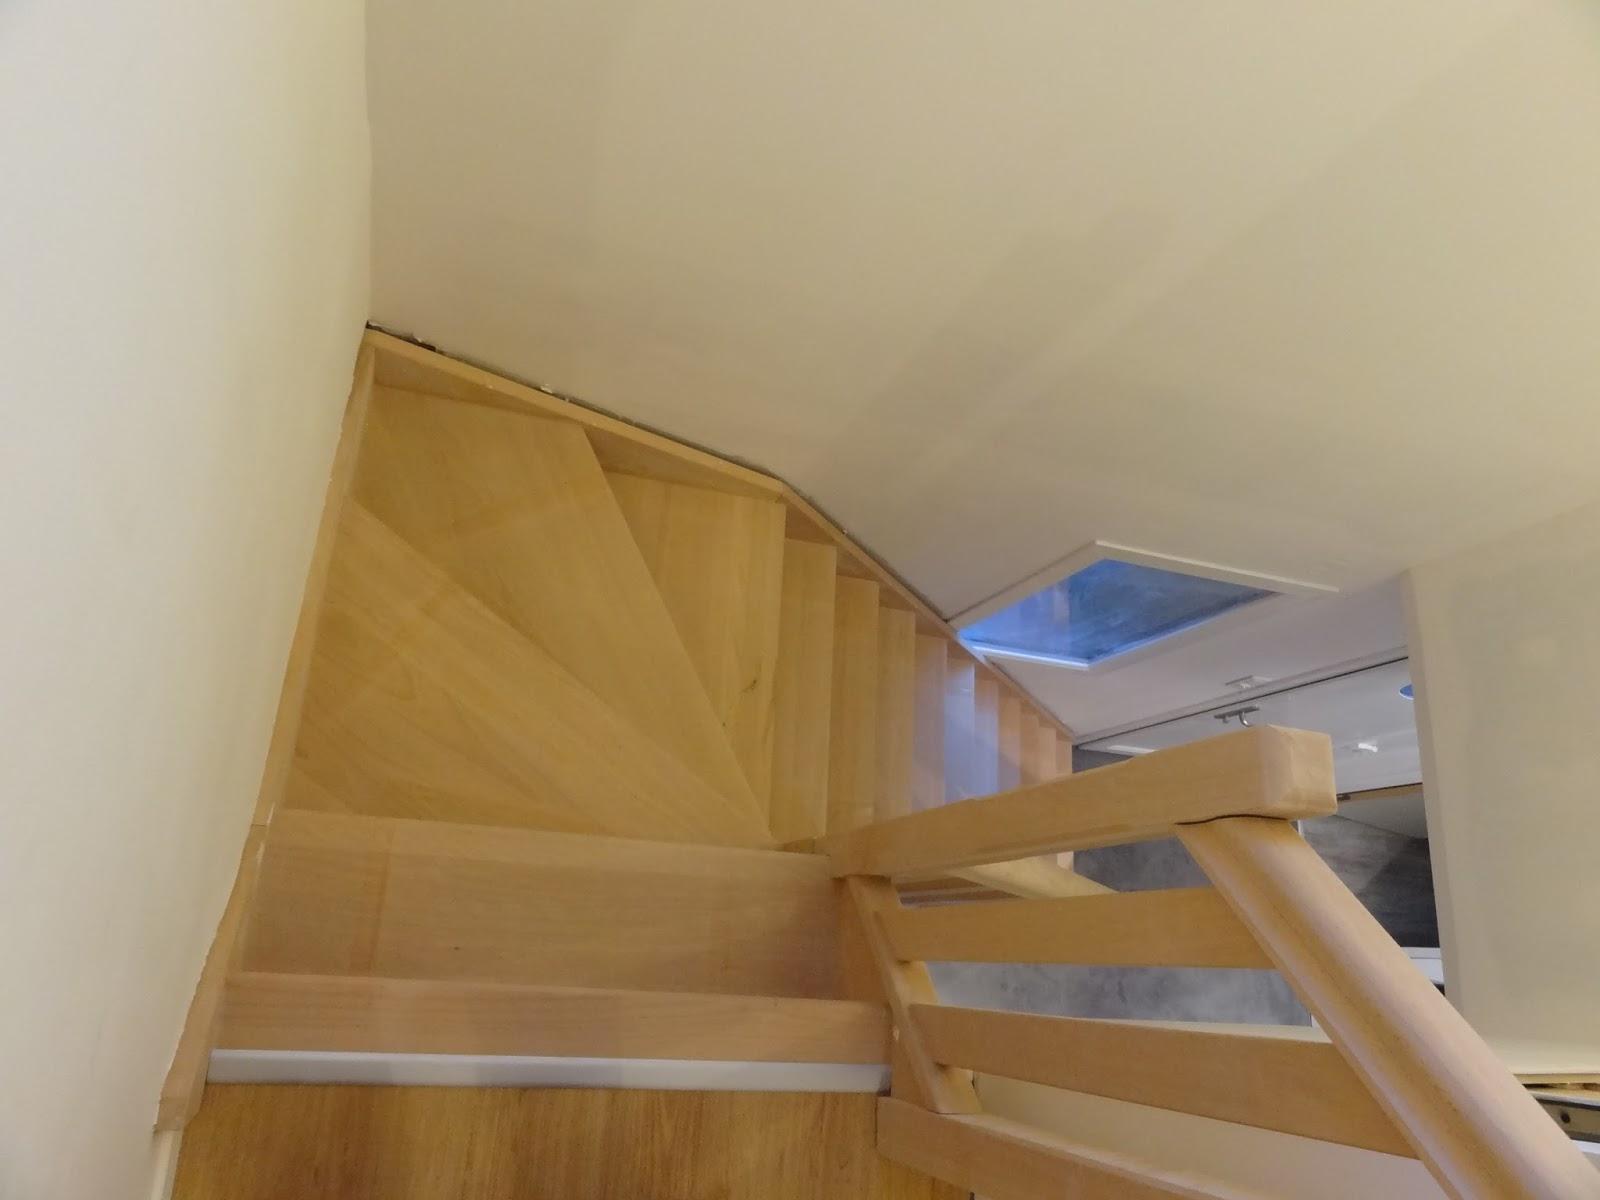 Une maison en bois entr e et cage d 39 escalier - Couleur pour une cage d escalier ...